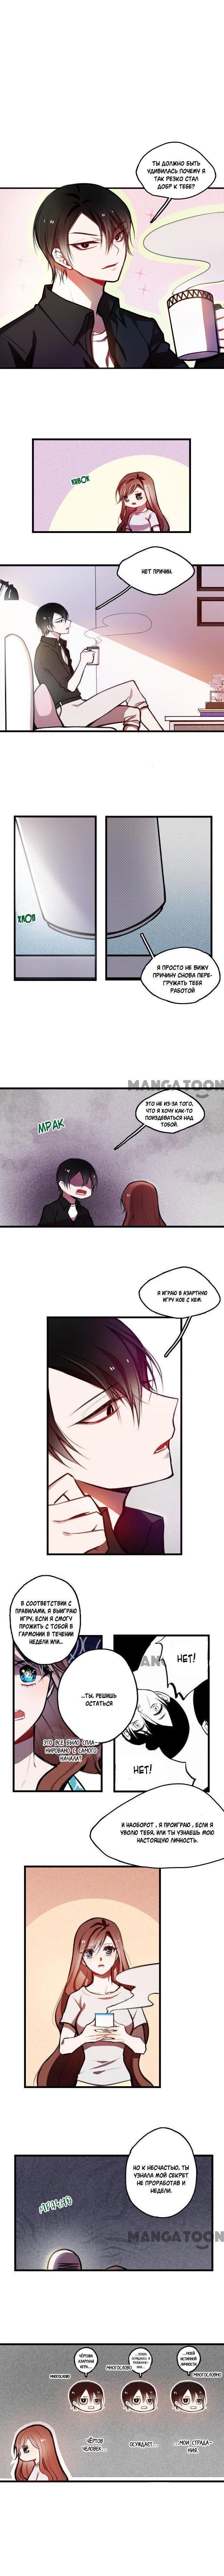 Манга Мой вампир по контракту - Глава 8 Страница 1